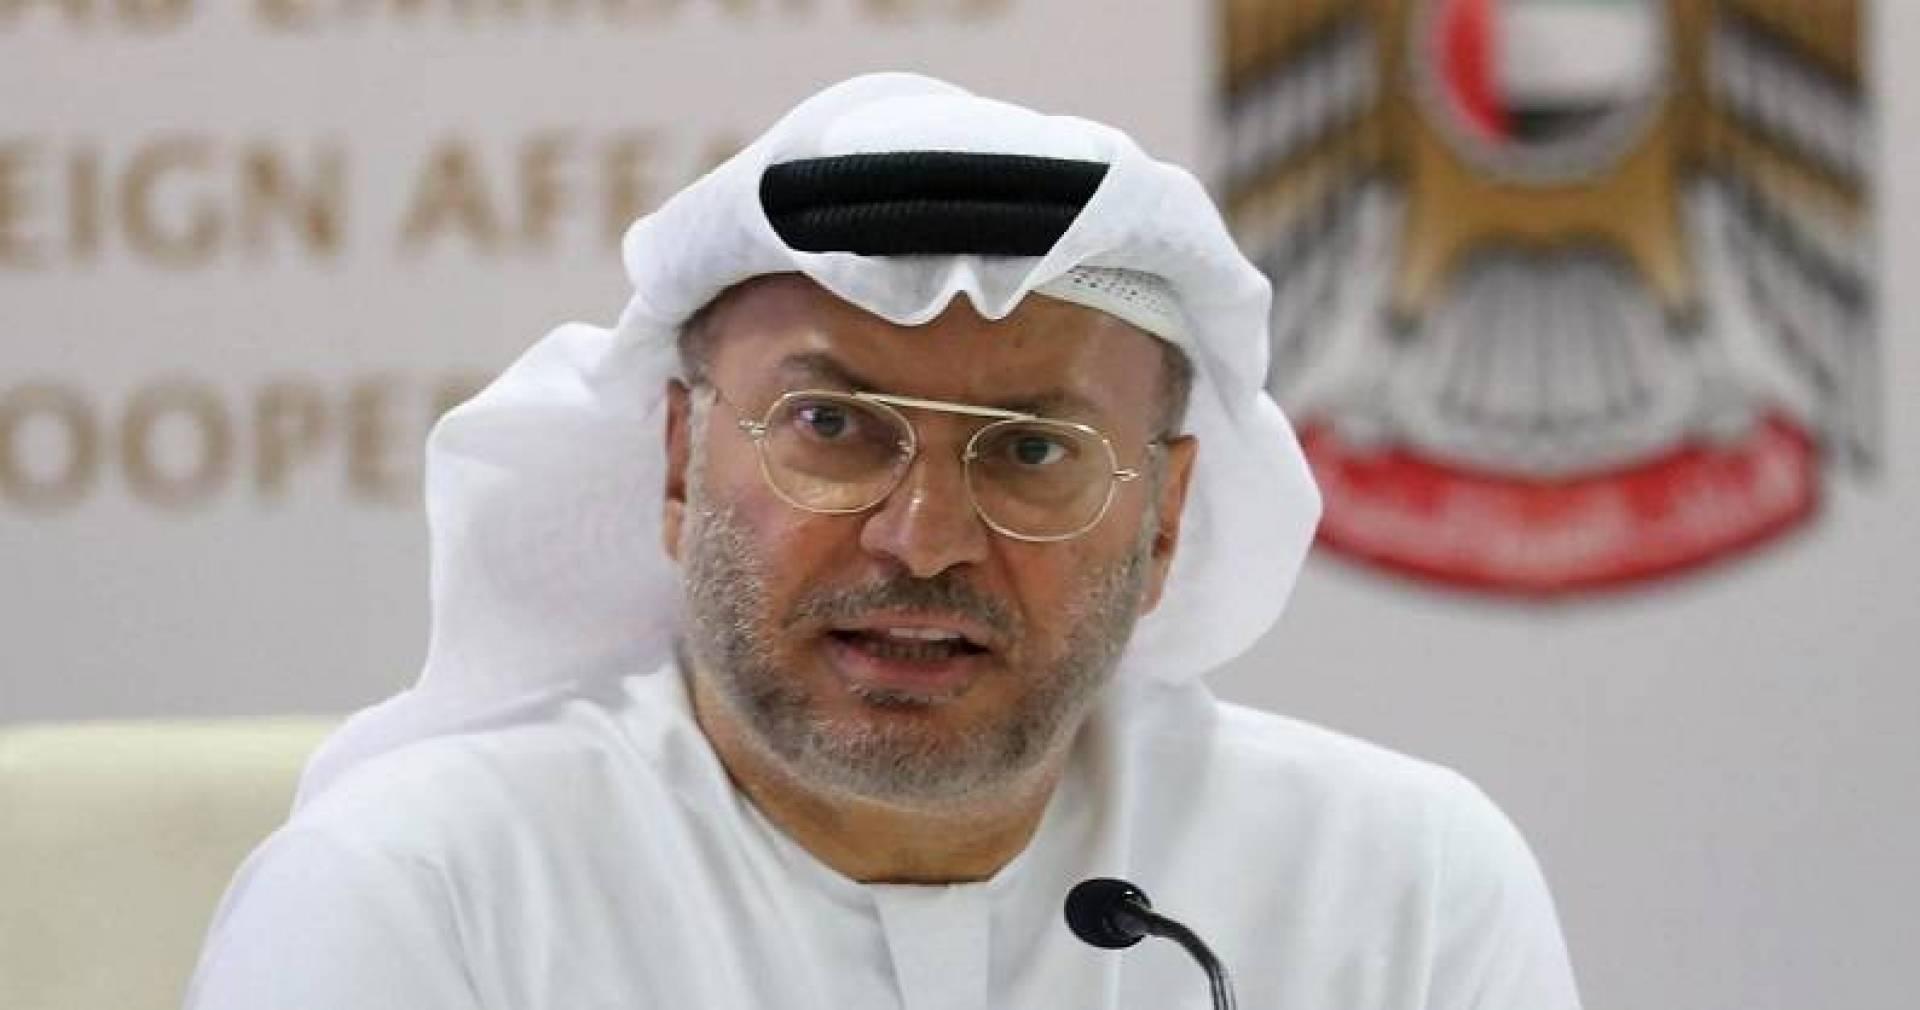 وزير الدولة الإماراتي للشؤون الخارجية: قوة الرياض والقاهرة ضرورية لكل العرب